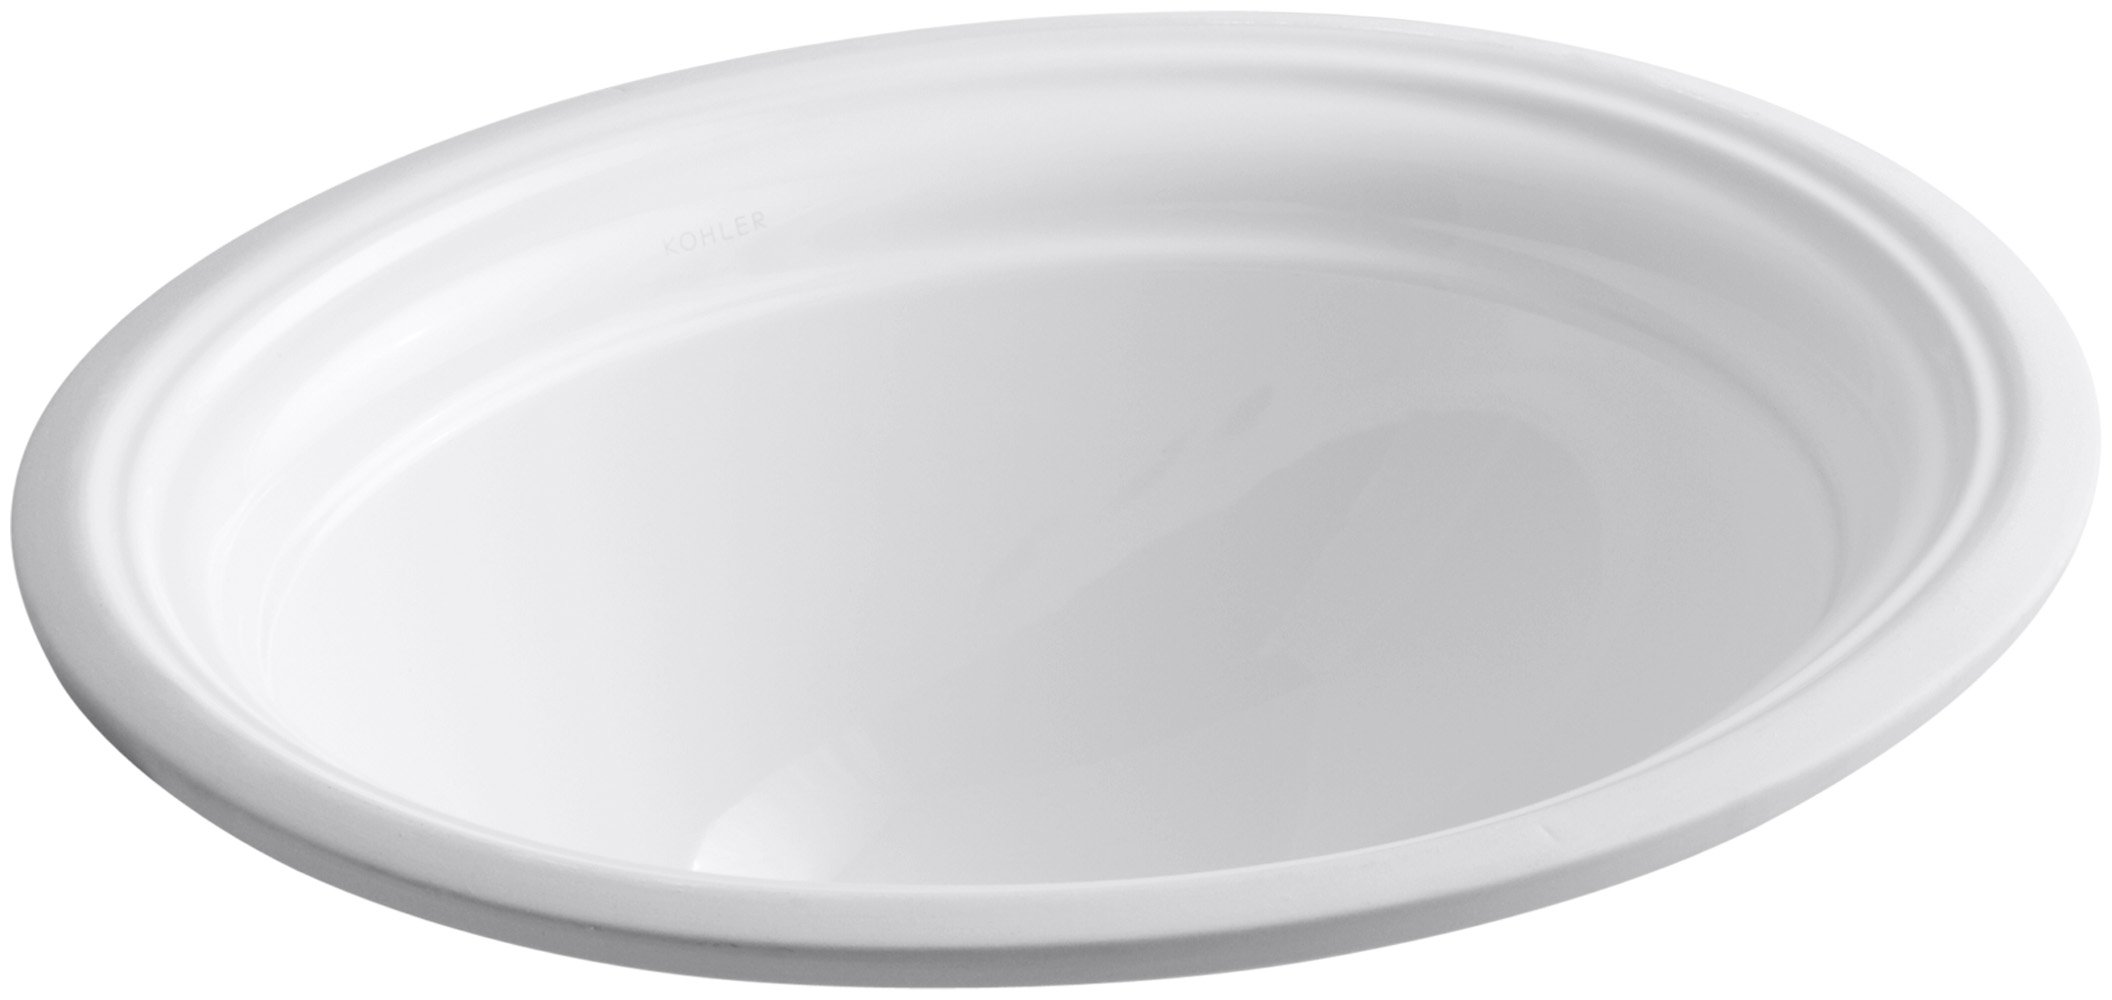 KOHLER K-2350-0 Devonshire Undercounter Bathroom Sink, White by Kohler